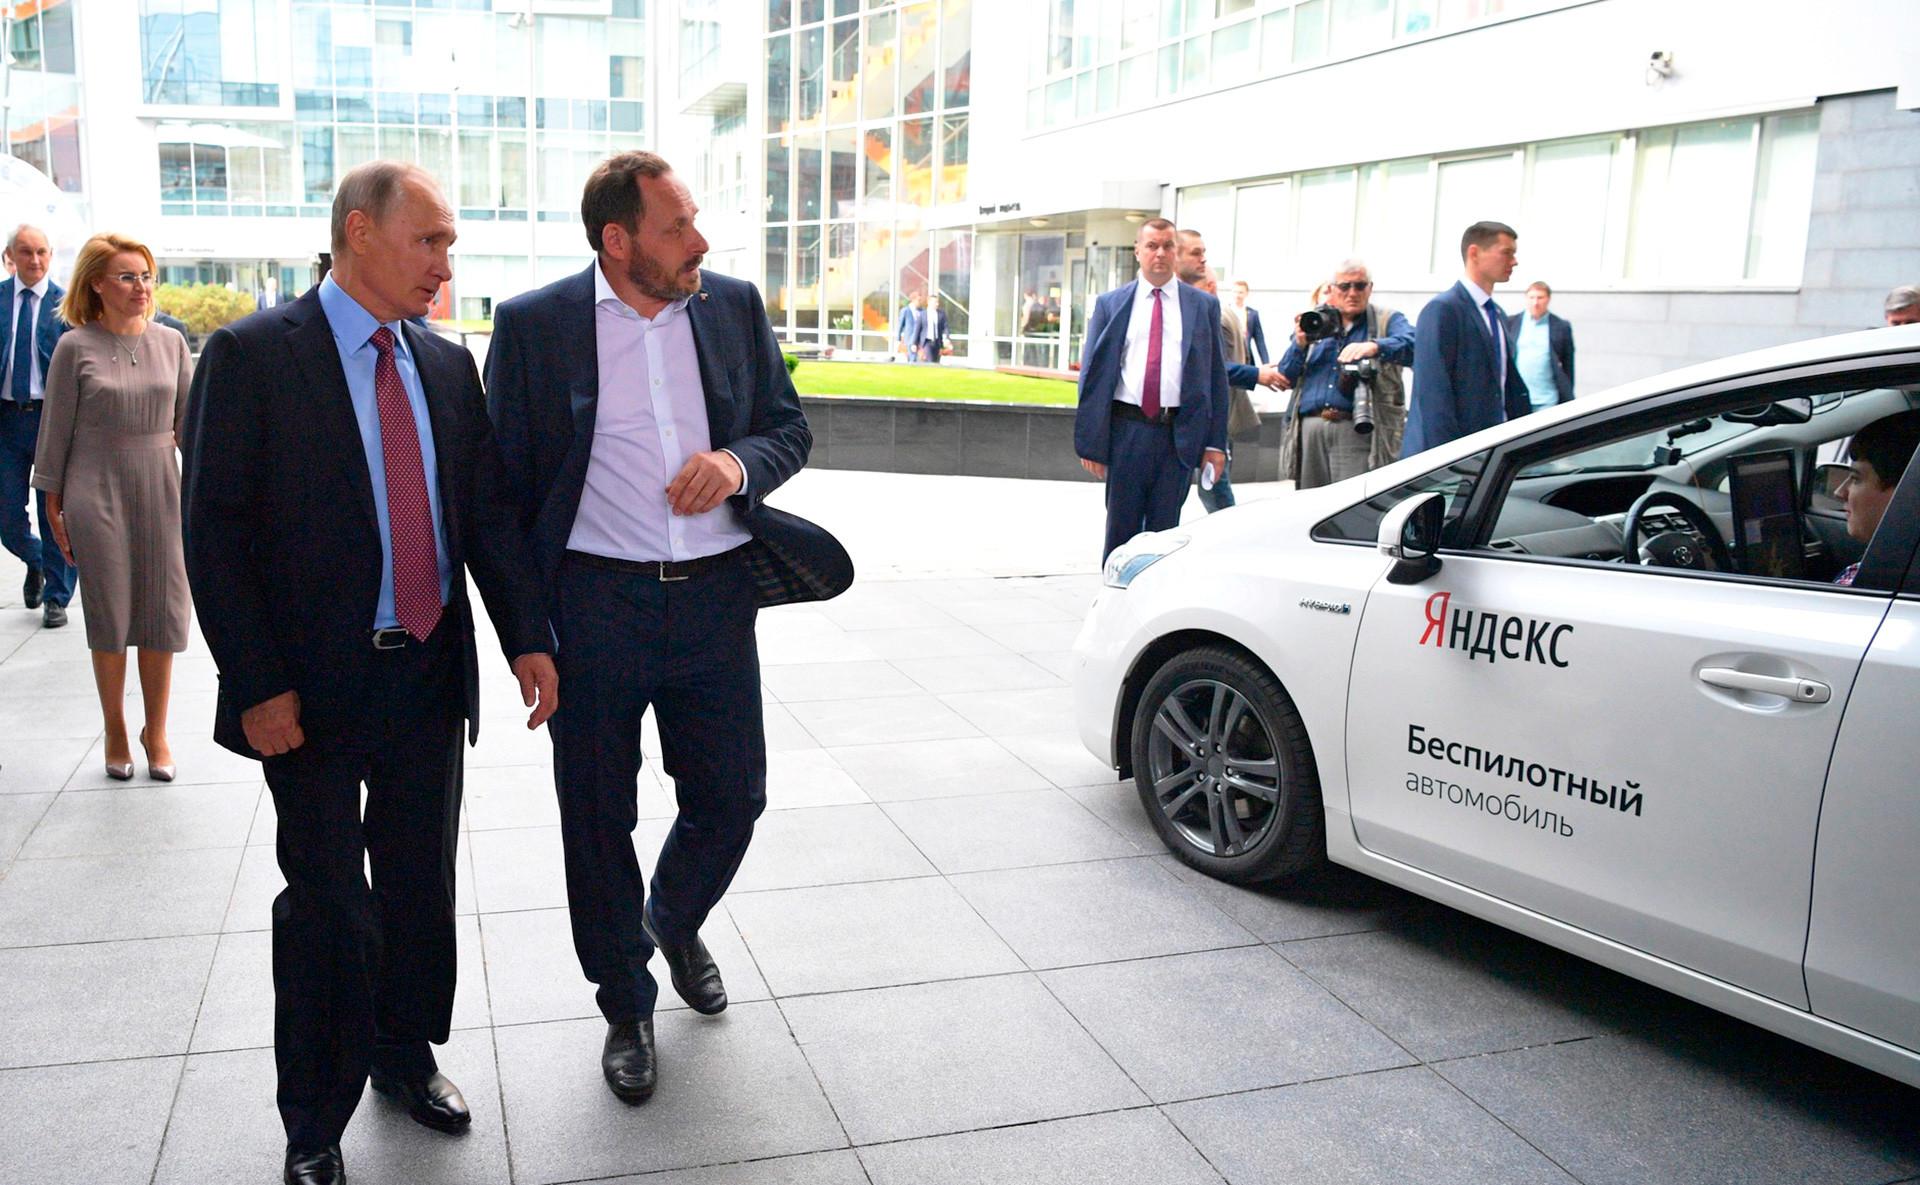 Präsident Putin begutachtet das erste fahrerlose Yandex-Mobil